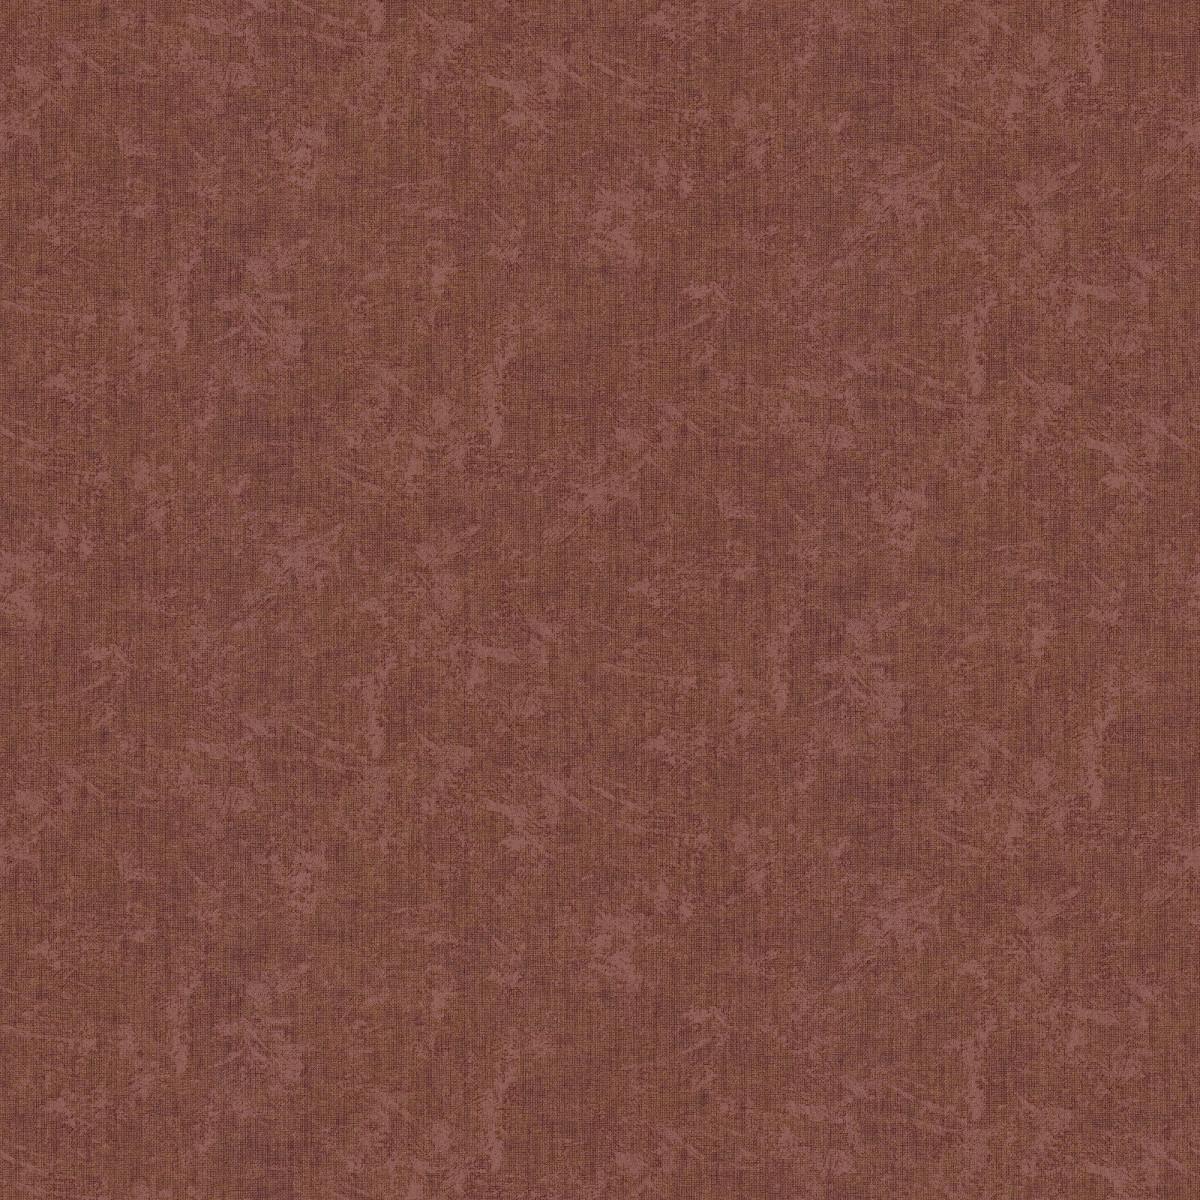 Обои флизелиновые Палитра коричневые 1.06 м PL71006-85